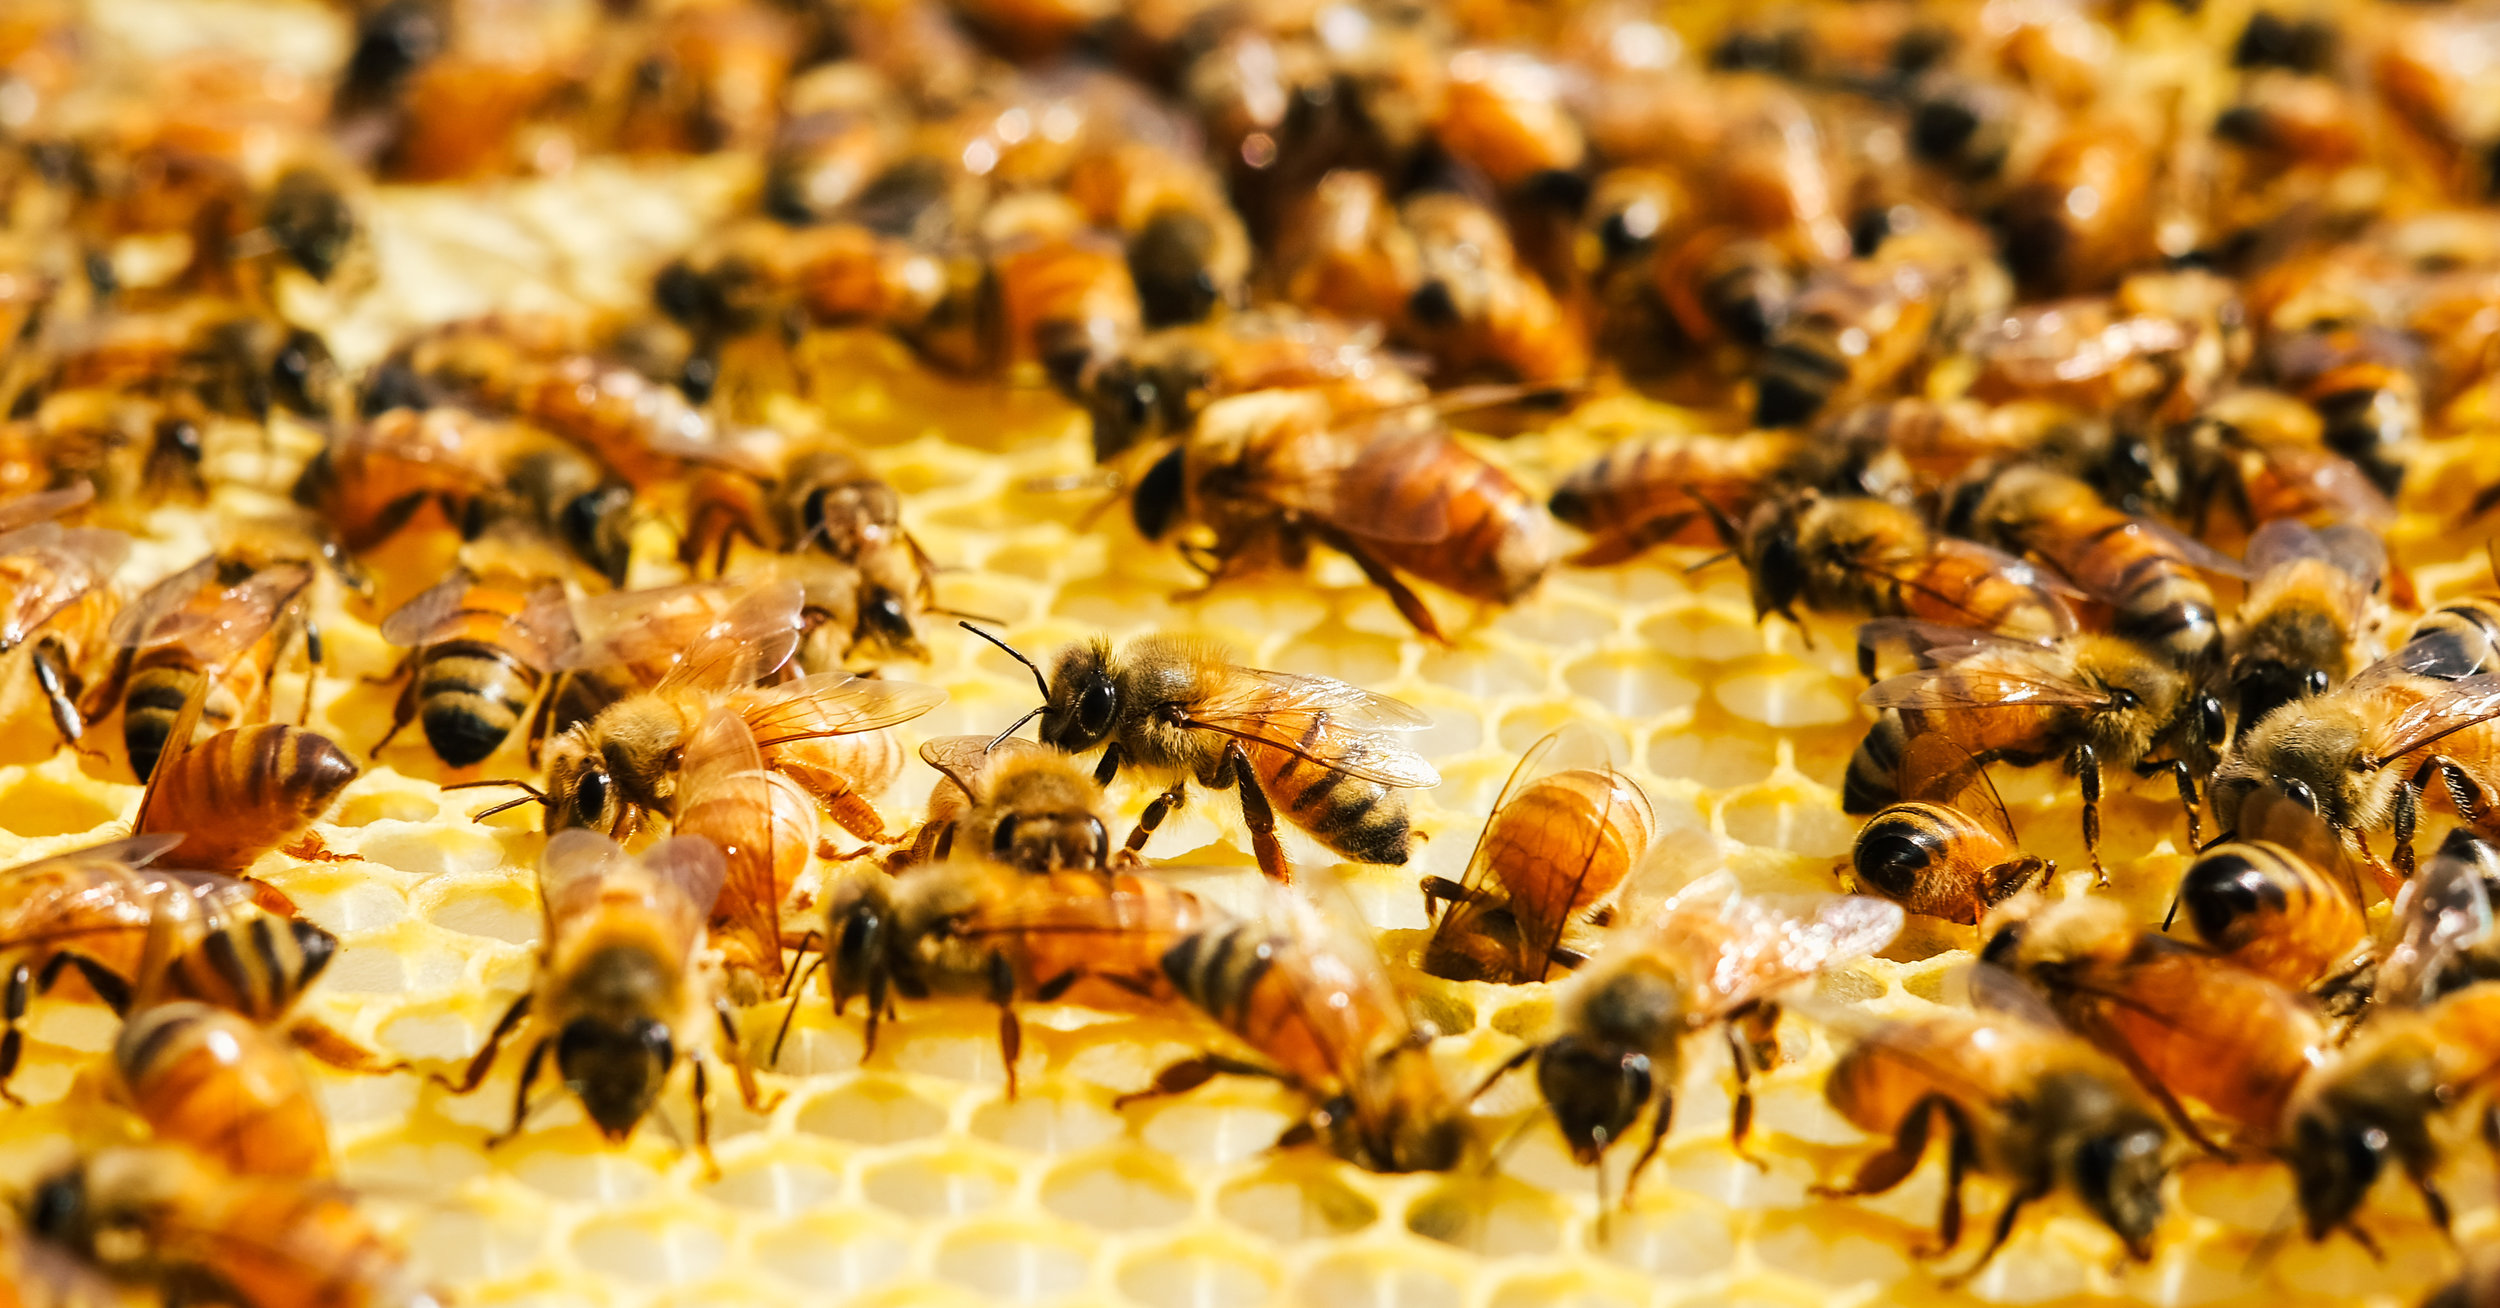 Bees_EmpressGreen-85.jpg